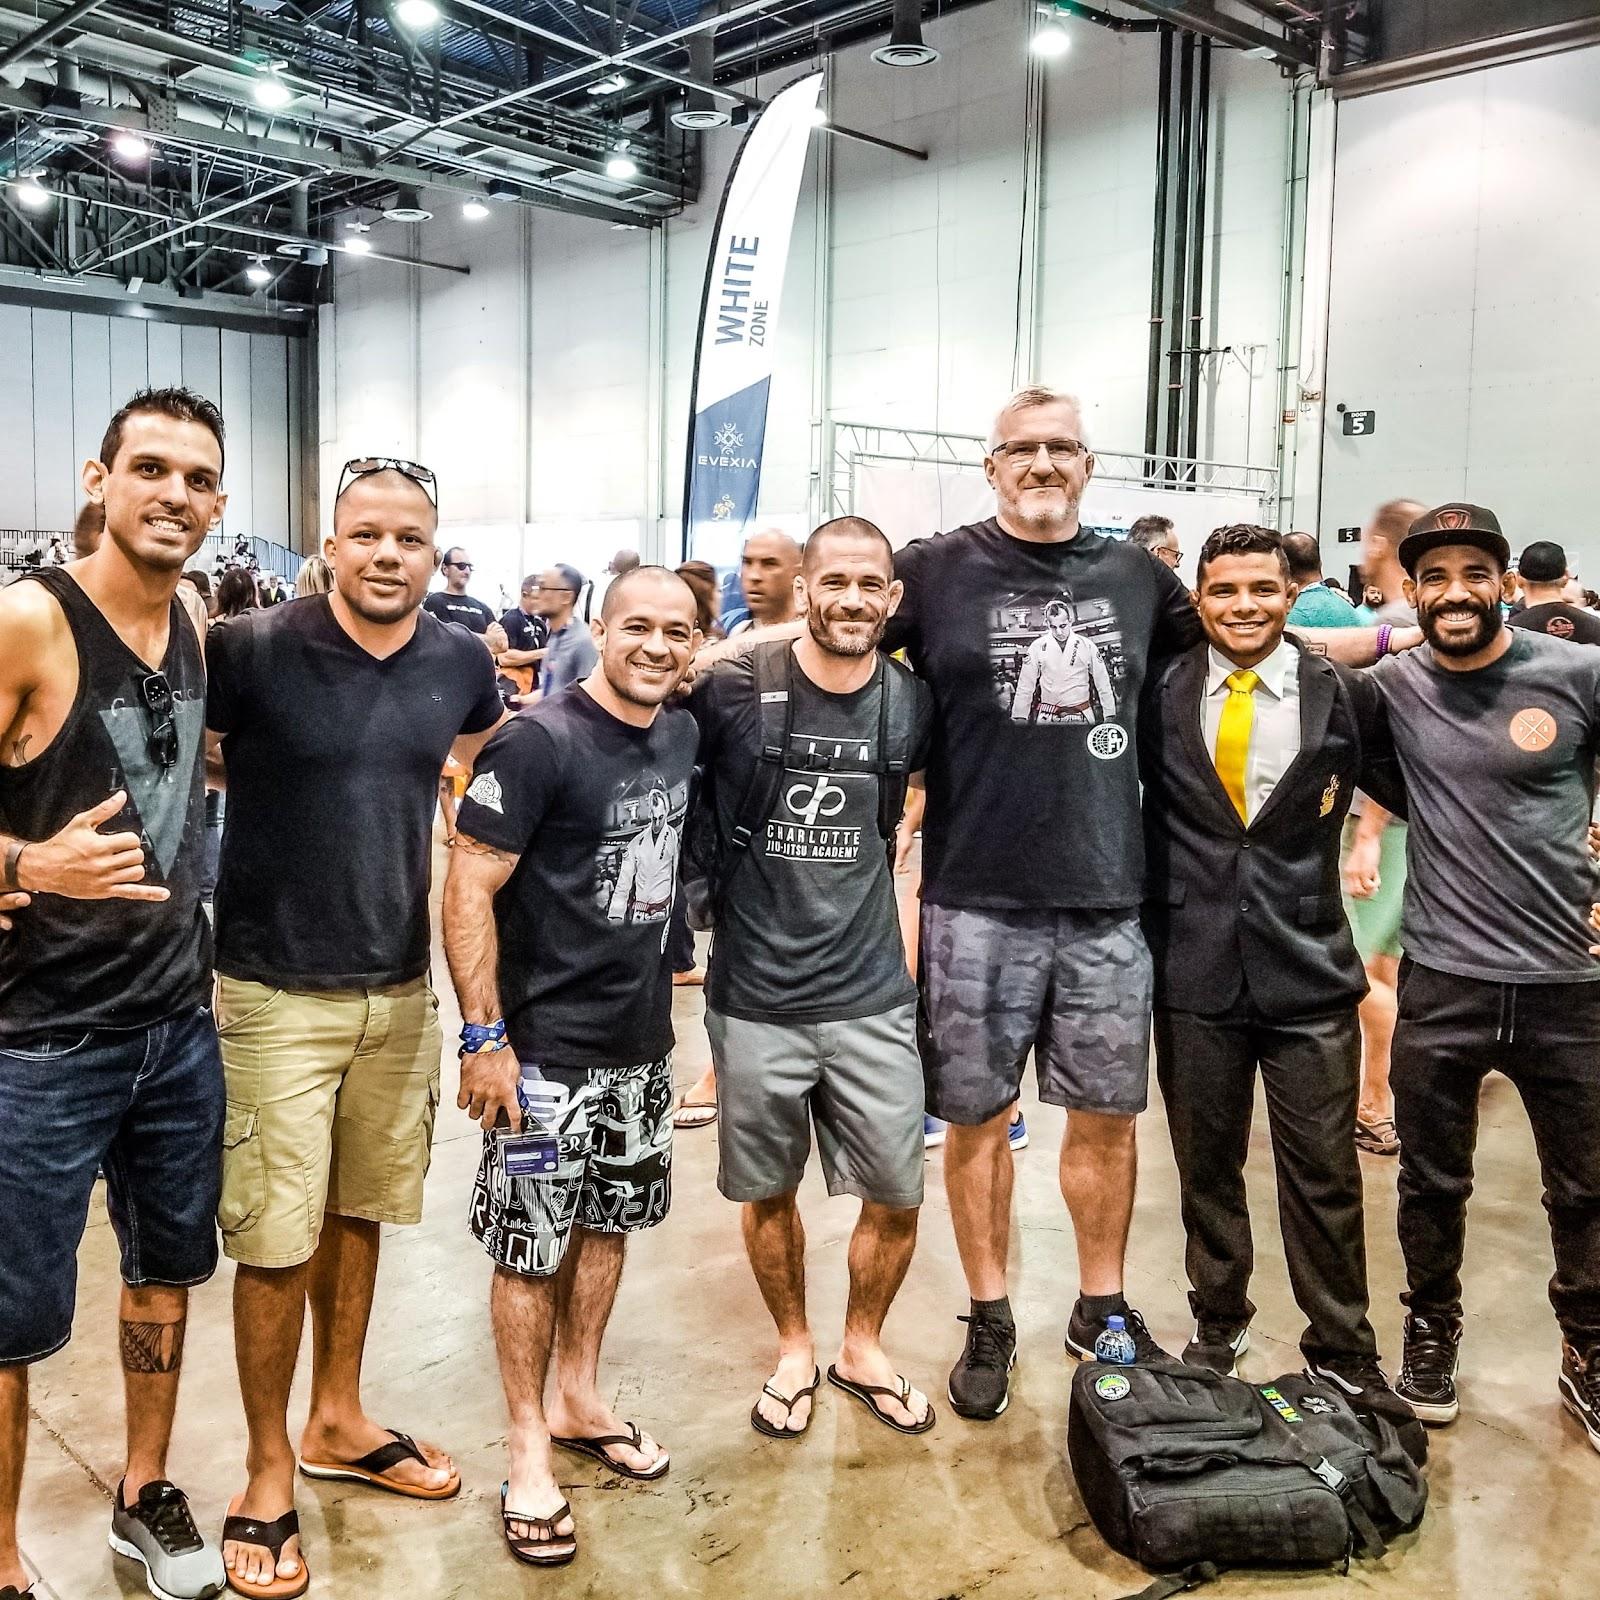 GFT IBJJF Masters Worlds 2018. Mau Mau, CJJA, Charlotte Jiu-Jitsu Academy